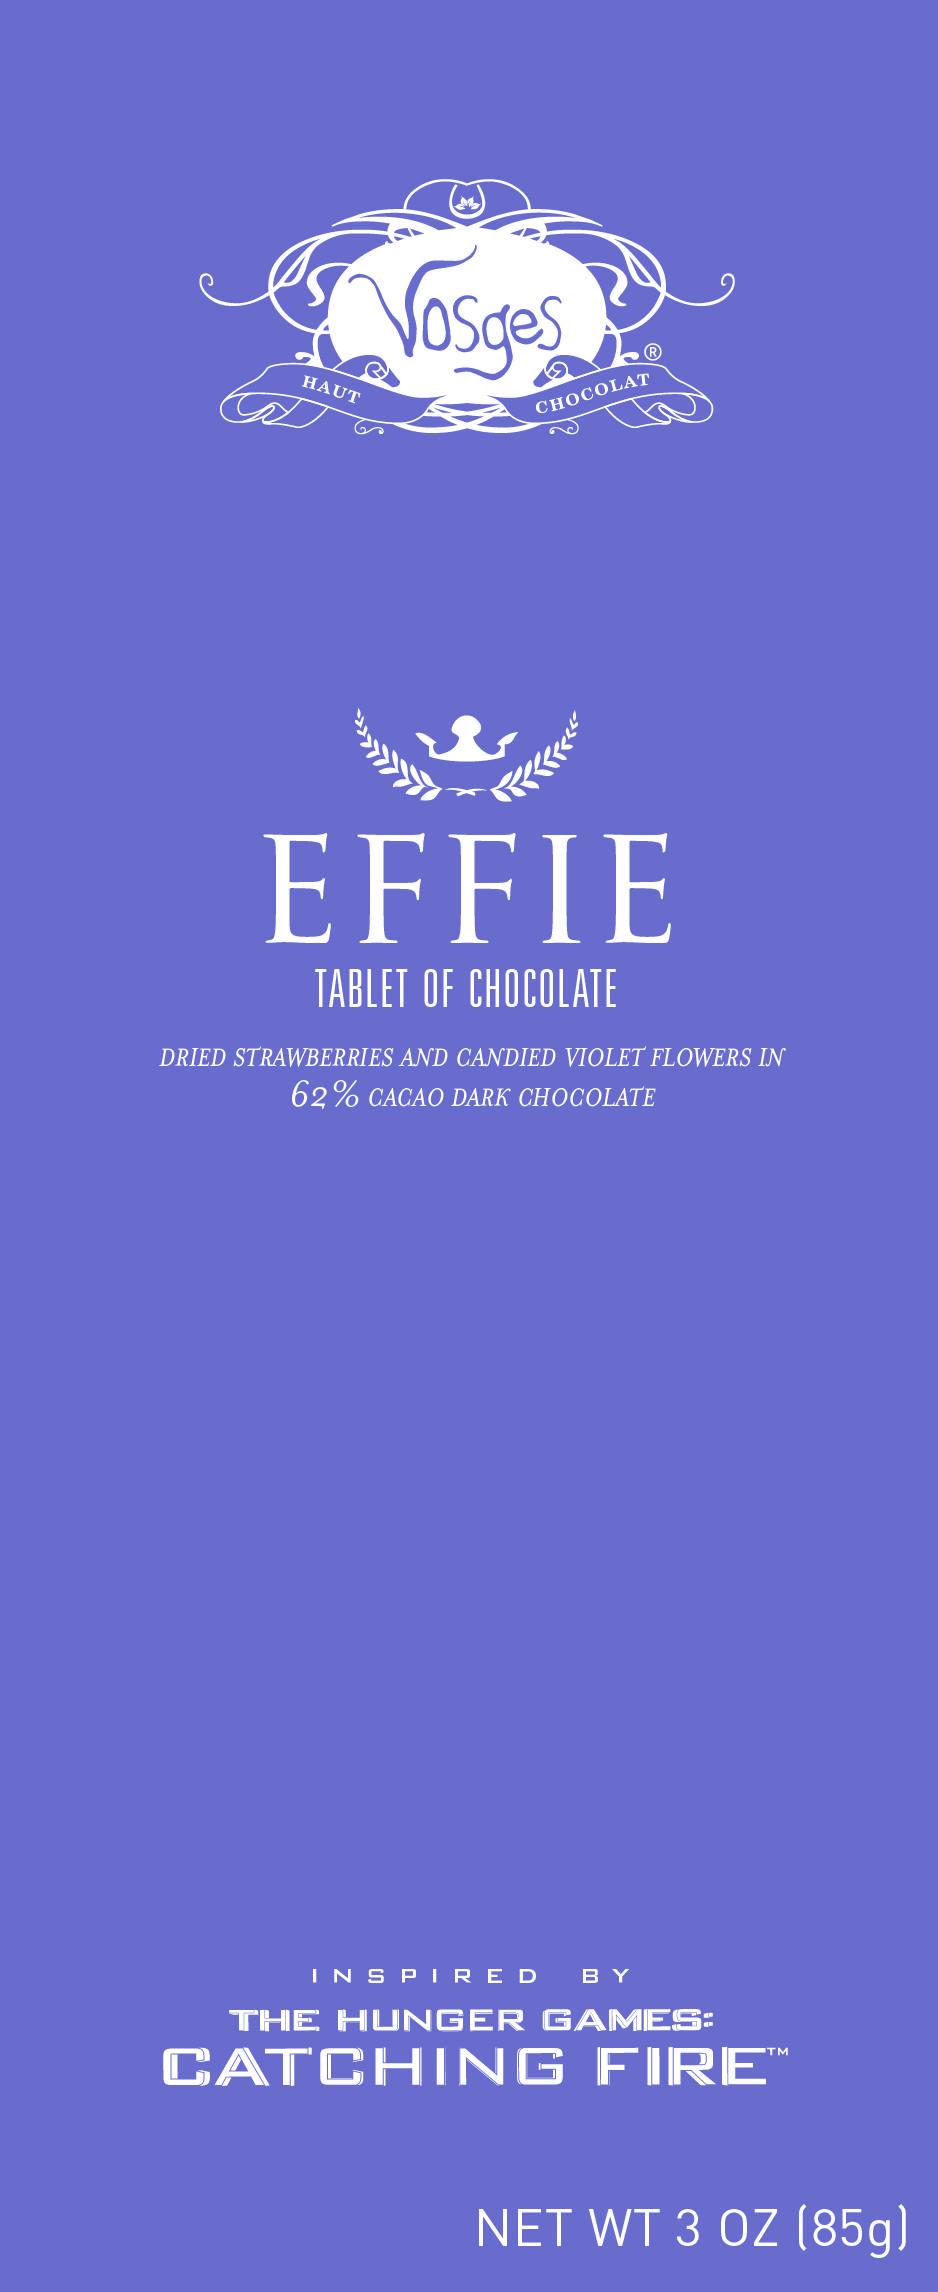 EFFIE-FNL-01